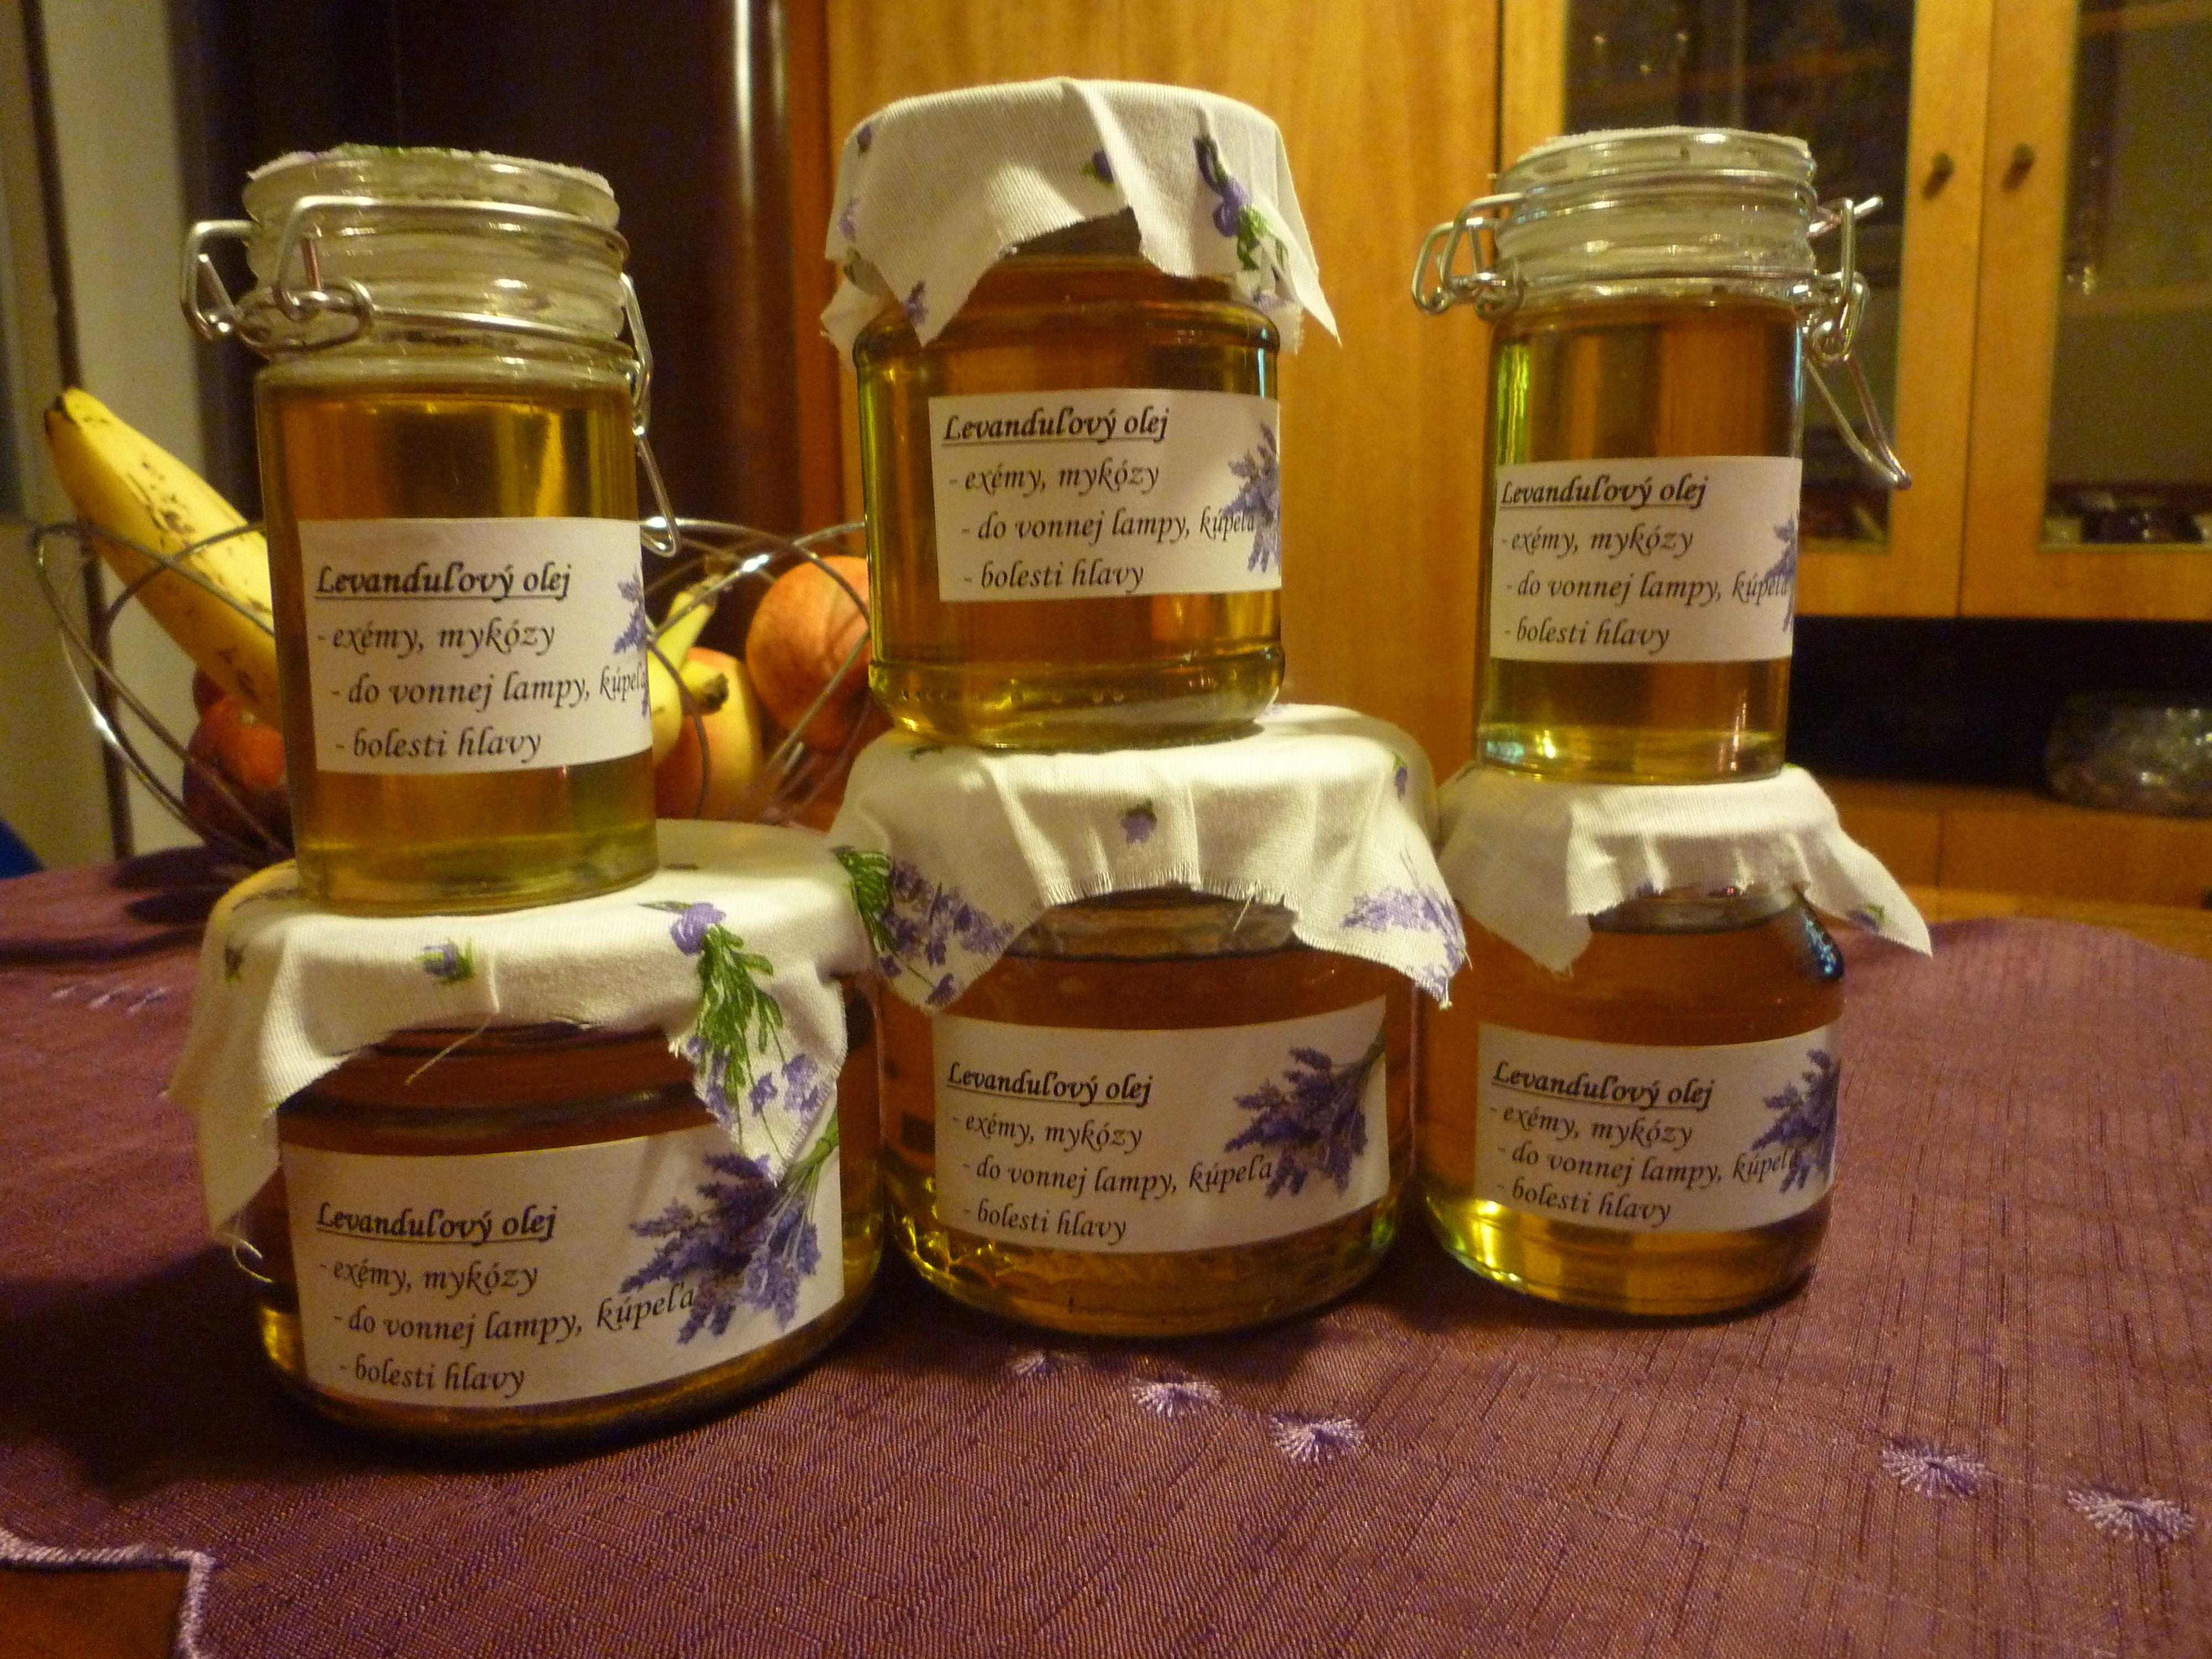 Do malého zaváraninového pohárika dáme čo najviac čerstvých kvetov levandule v plnom kvete, zalejeme kvalitným olejom. Ja dávam olivový, ktorý sa potom skvele rozotiera a zároveň dobre vstrebe. Ak nechcete, aby Vám vôňa olivového oleja prerážala vôňu levandule, tak použite kuchynský slnečnicový olej. Dobre umačkajte, uzavrite a nechajte na slnečnom mieste 4 týždne. Potom preceďte. Nemusíte uchovávať  v chlade, nepokazí sa.